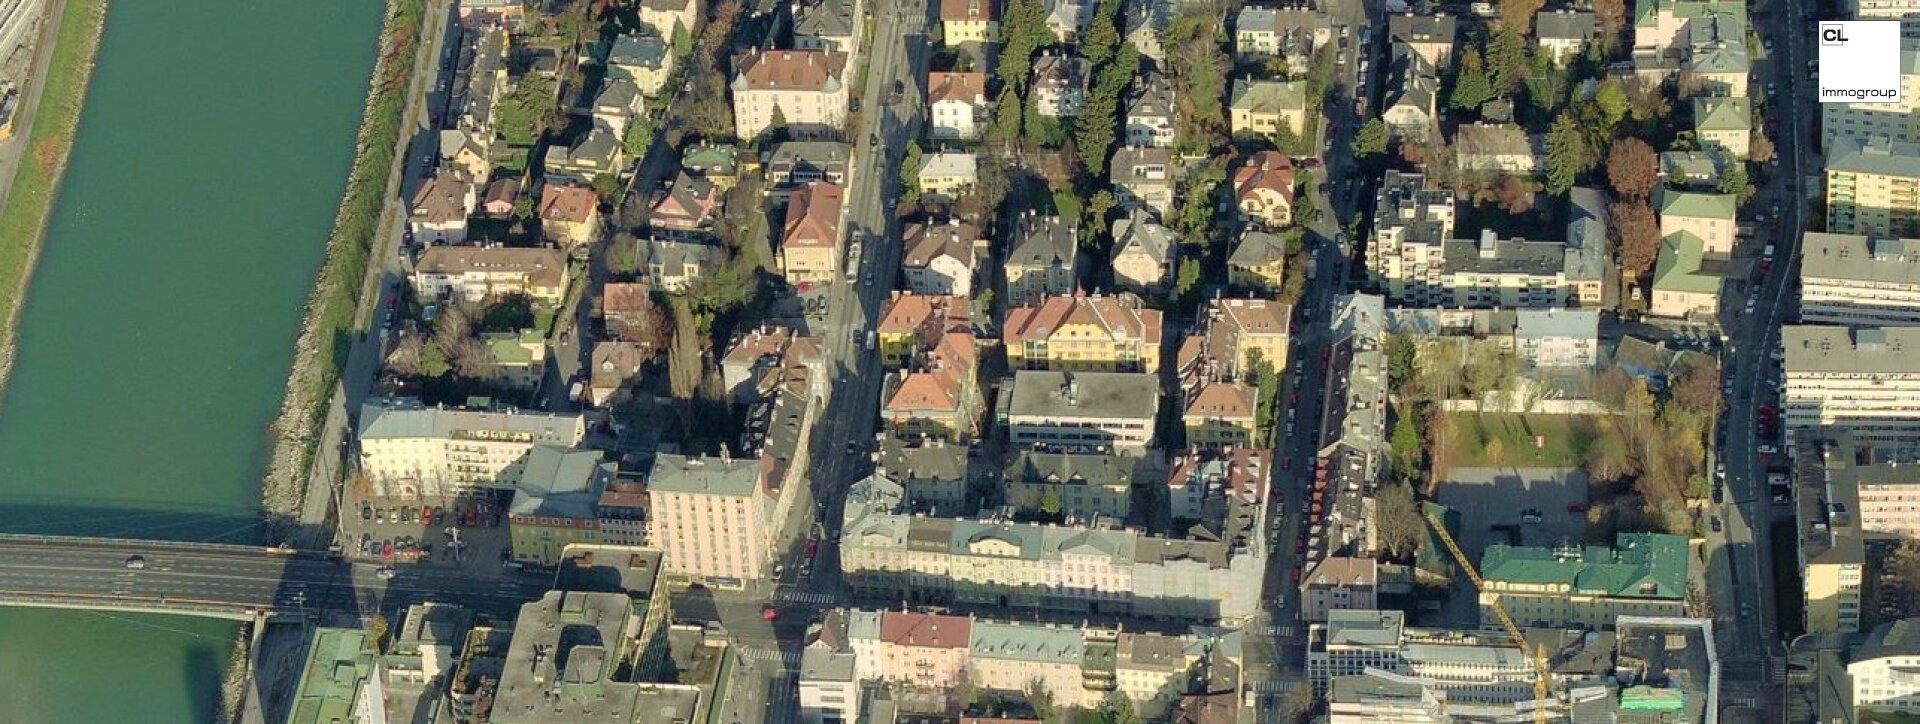 Luftbildaufnahme zu Charismatische Altbauwohnung in schönem Gründerzeithaus, nahe Salzach (c) CL-Immogroup, www.cl-immogroup.at